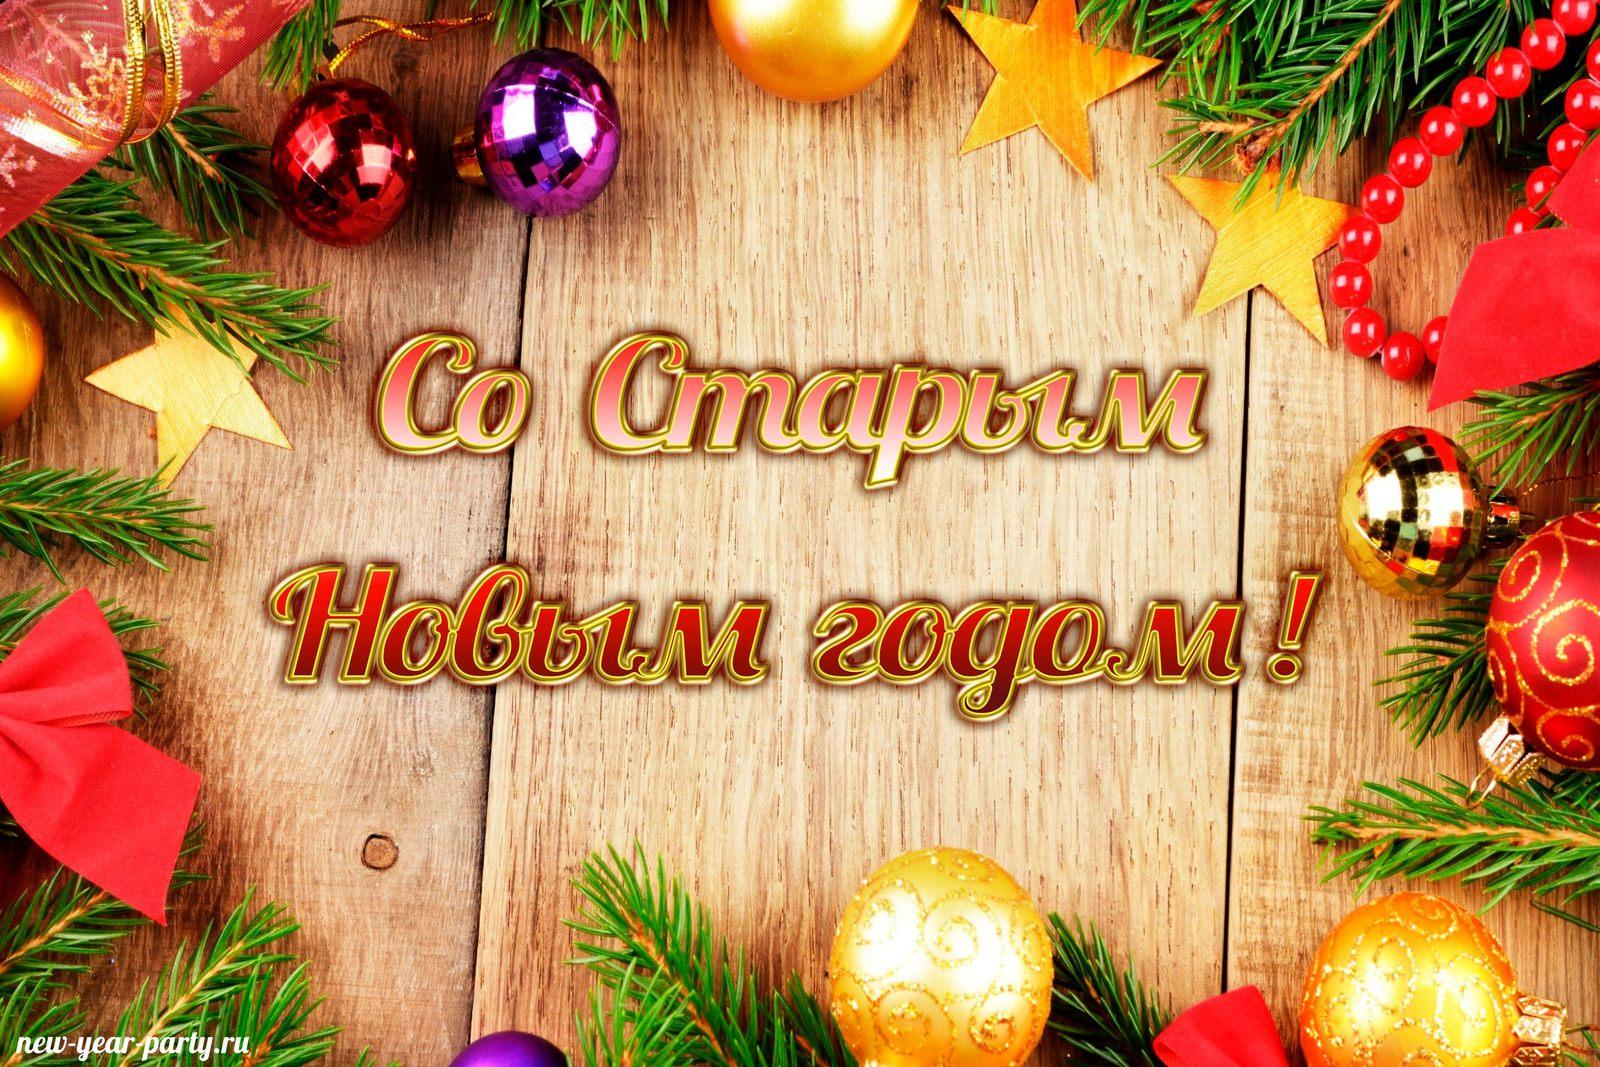 Открытки новый год и рождество 2018 в